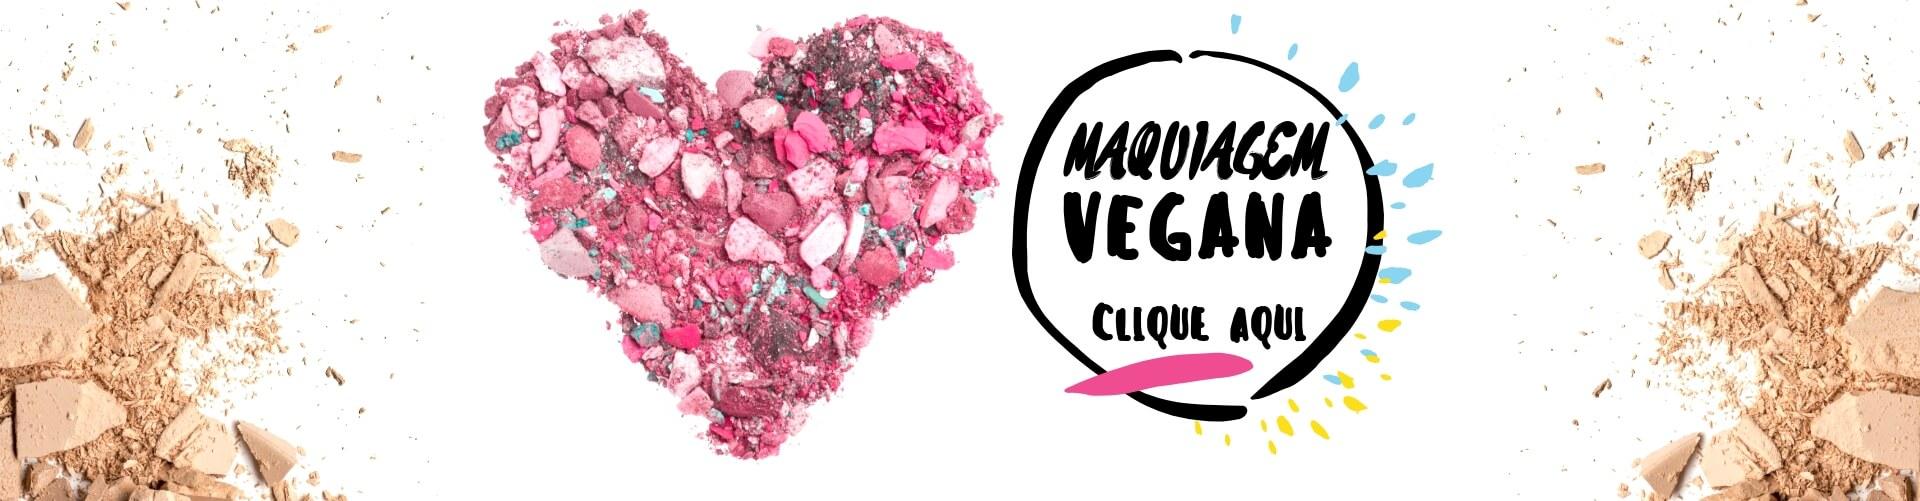 Maquiagens Veganas